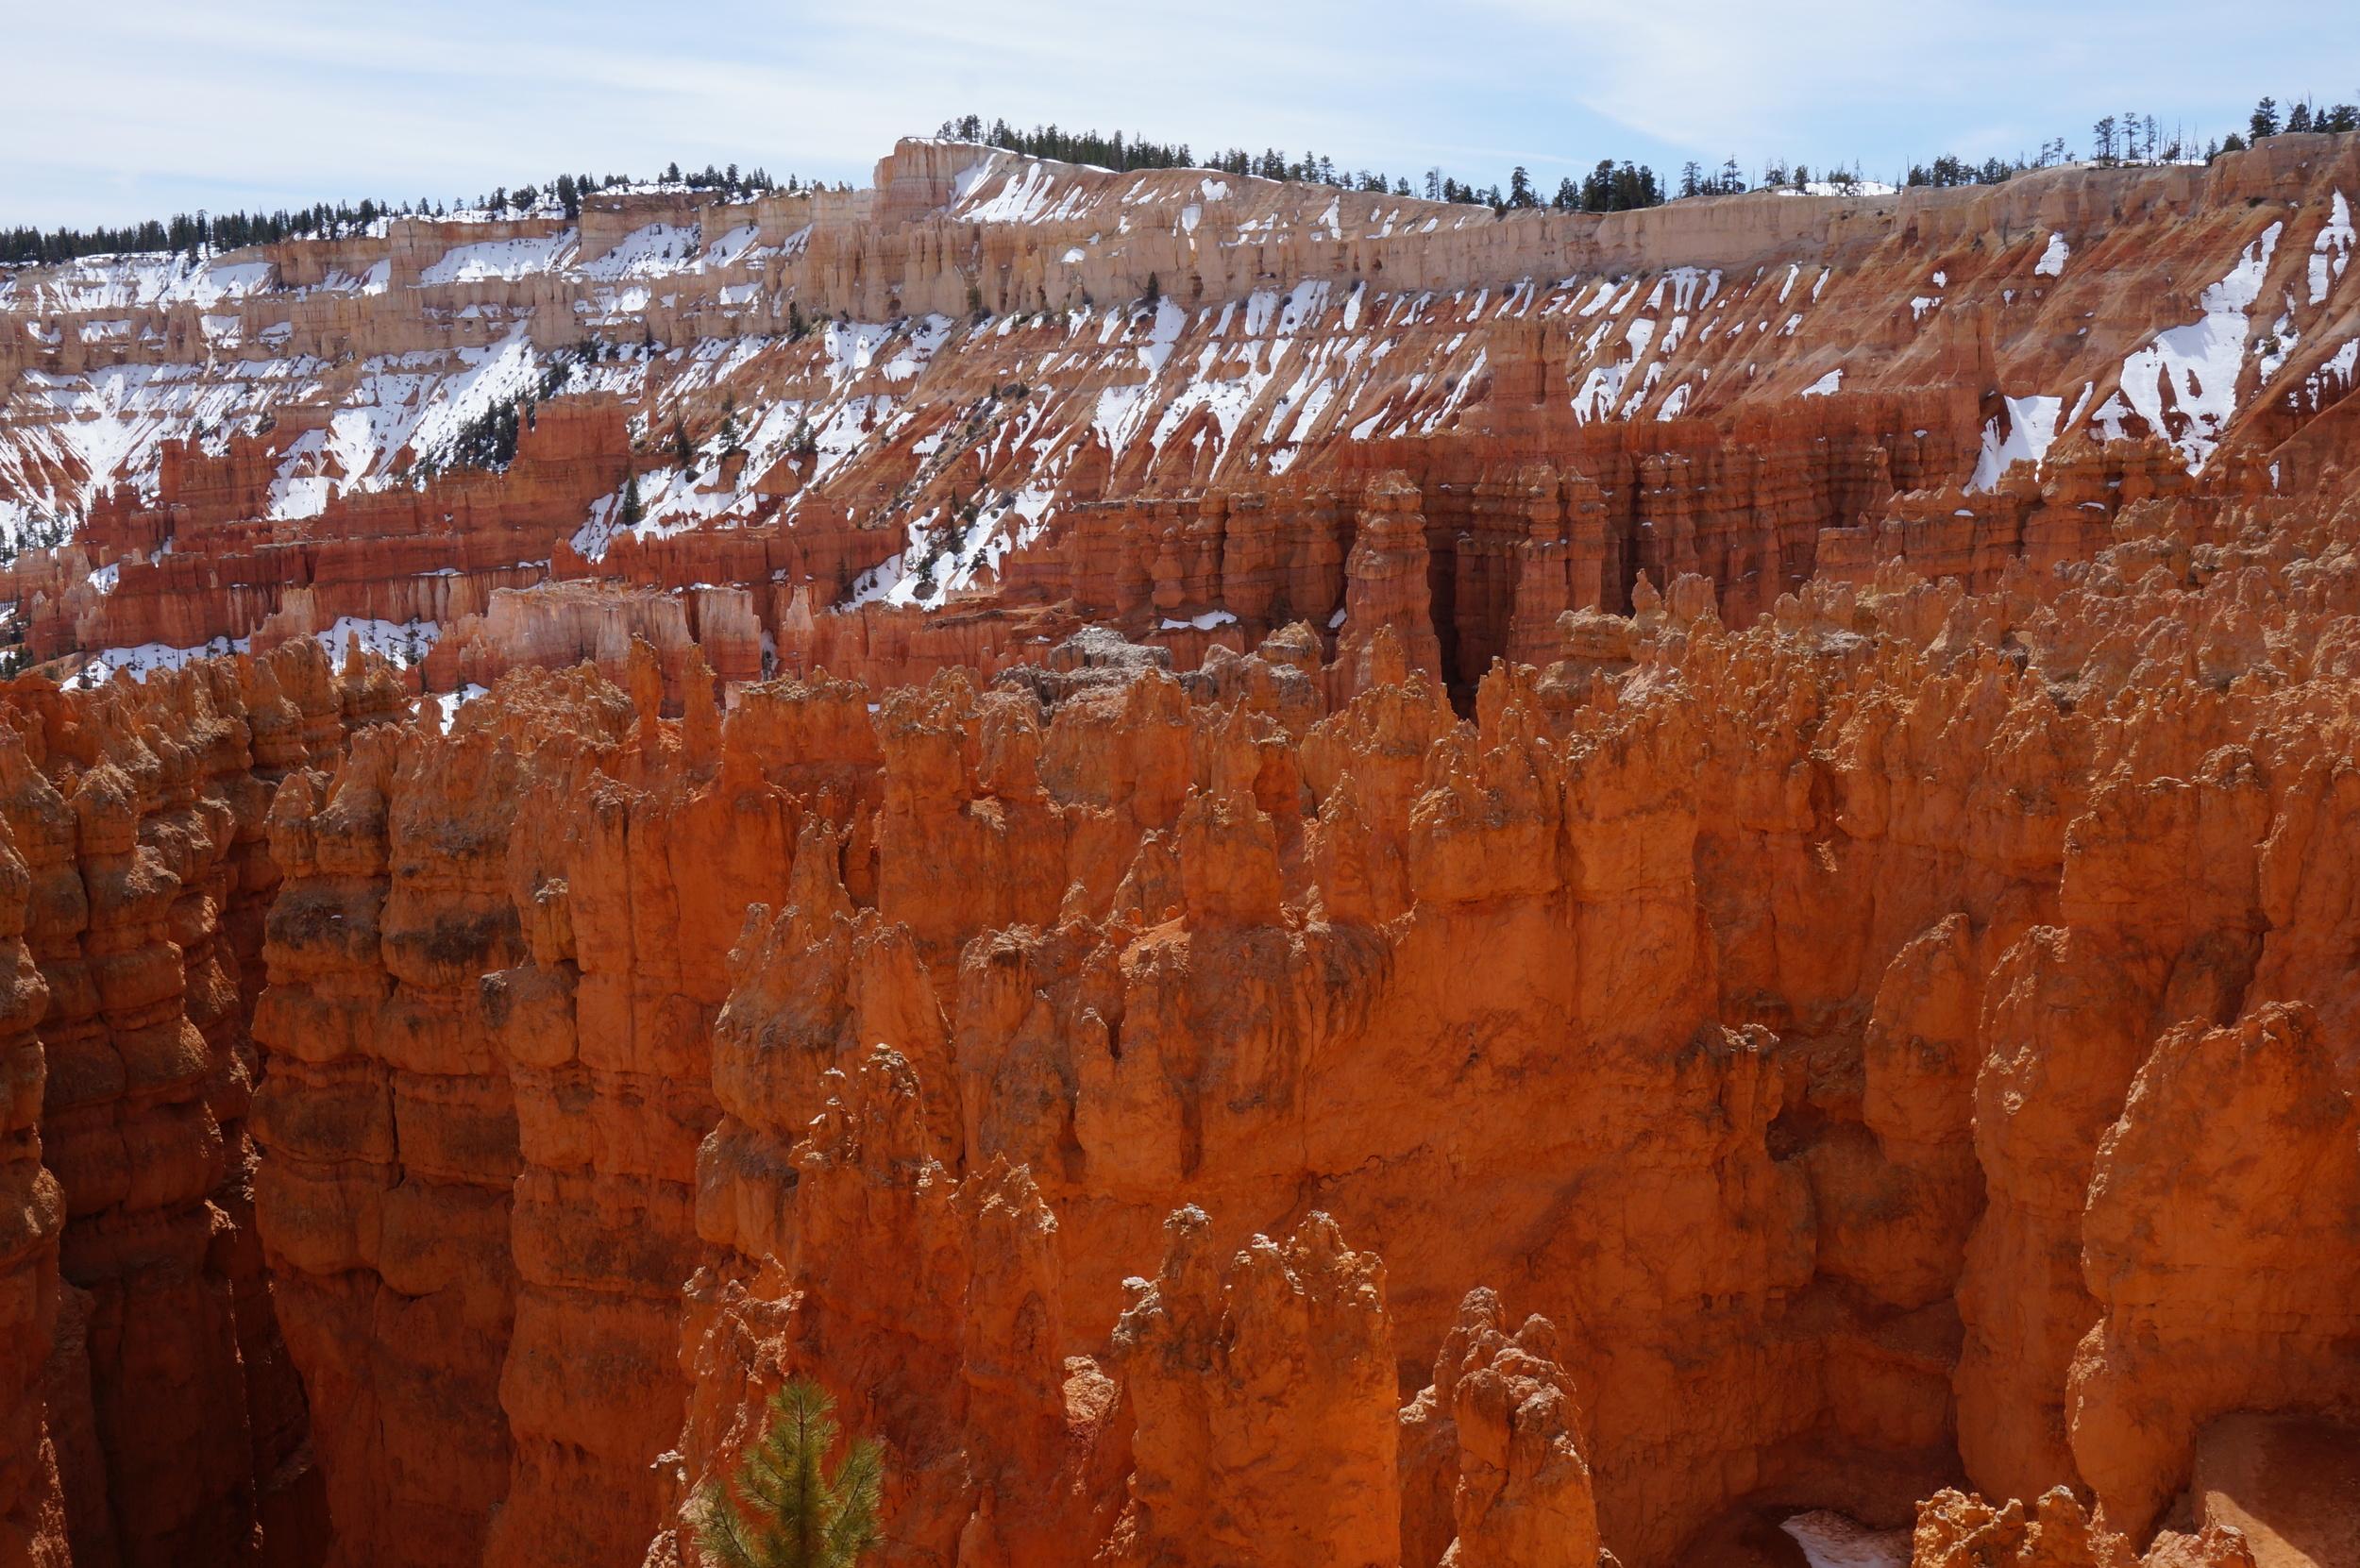 vanlife-rv-campervan-rent-idaho-sun-valley-boise-wandervans-wanderlust-skiing-snowboard-biking-hiking-outsidevan-Wandervans-utah-bryce-canyon-national-park